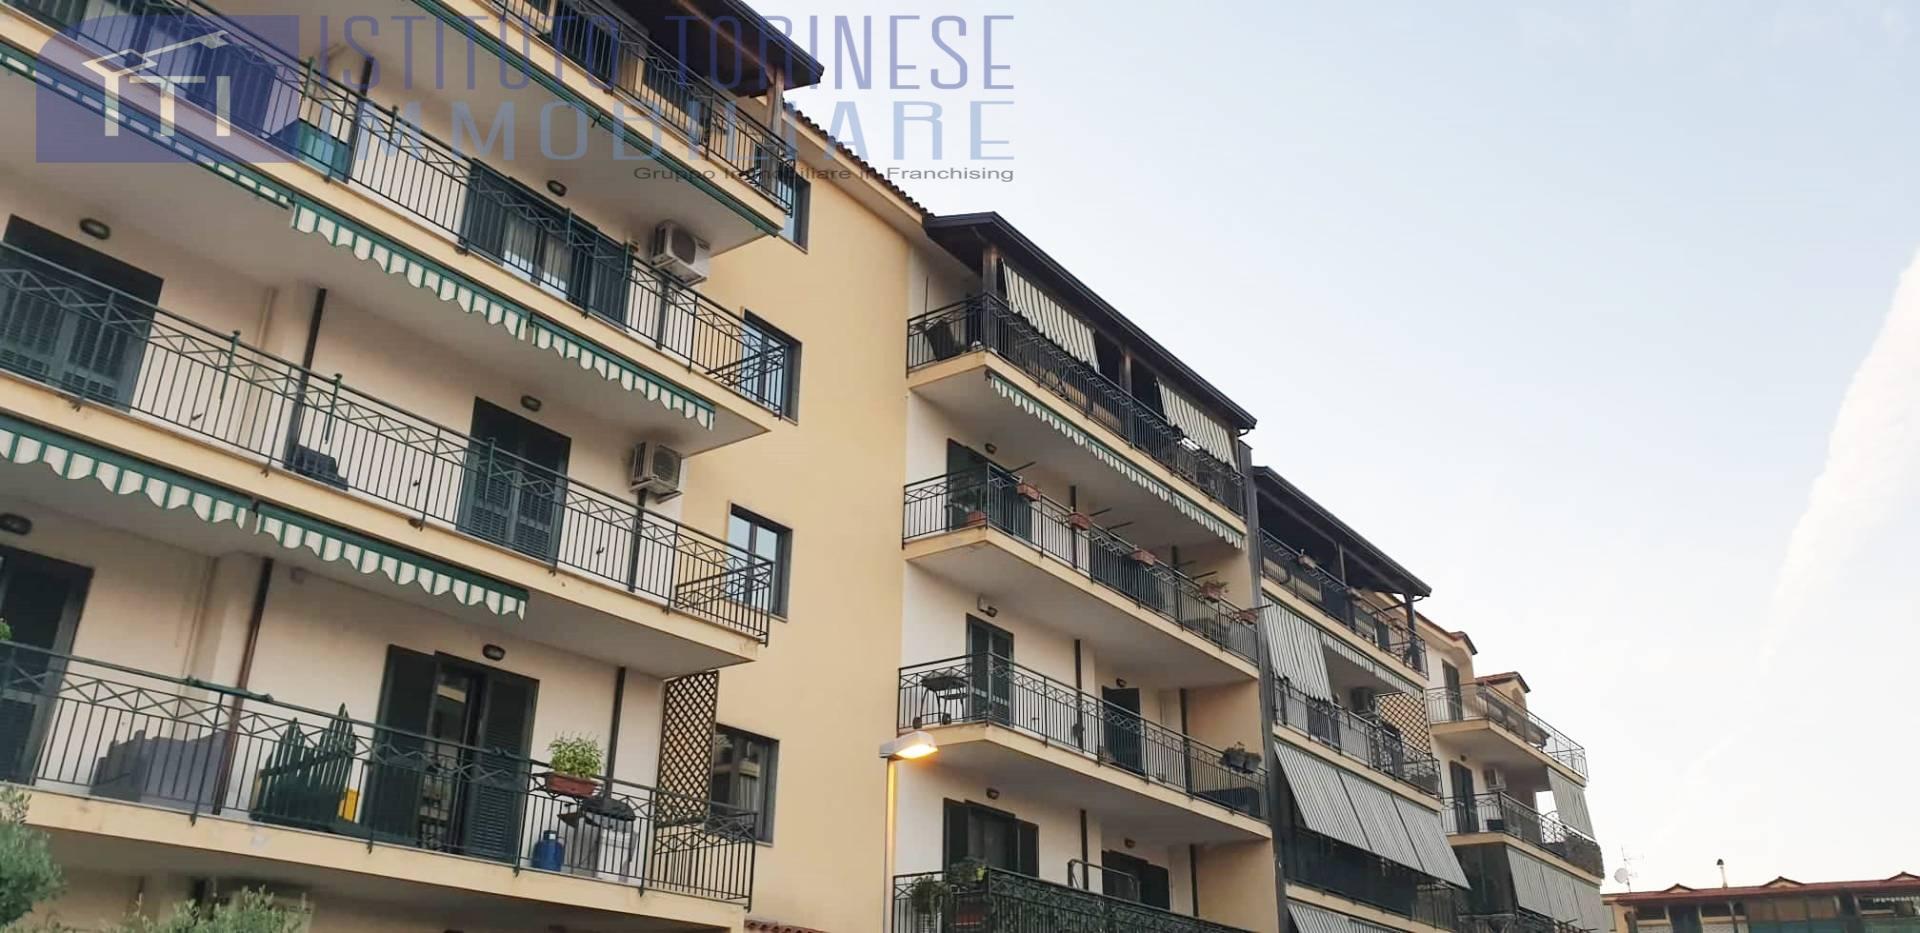 Appartamento in vendita a Villaricca, 3 locali, prezzo € 127.000 | CambioCasa.it